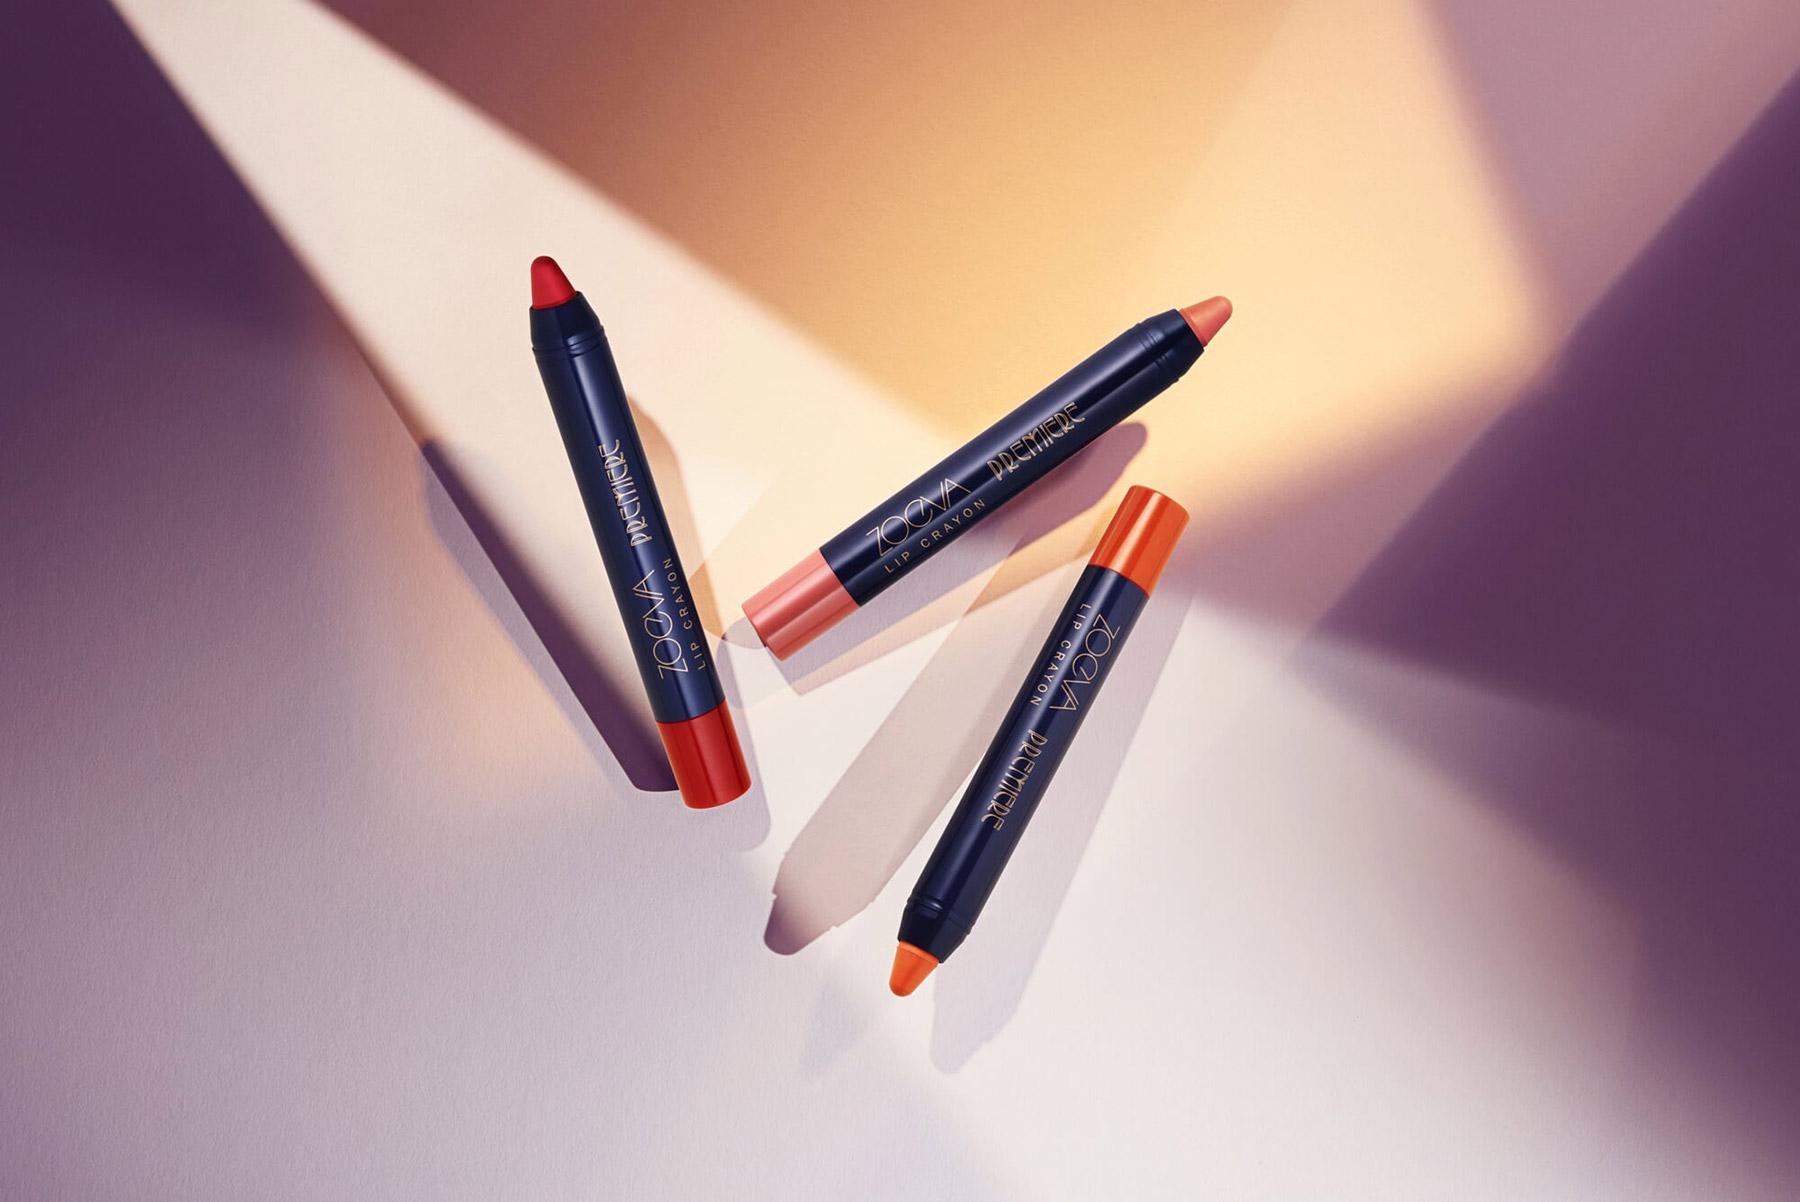 zoeva premiere lip crayon